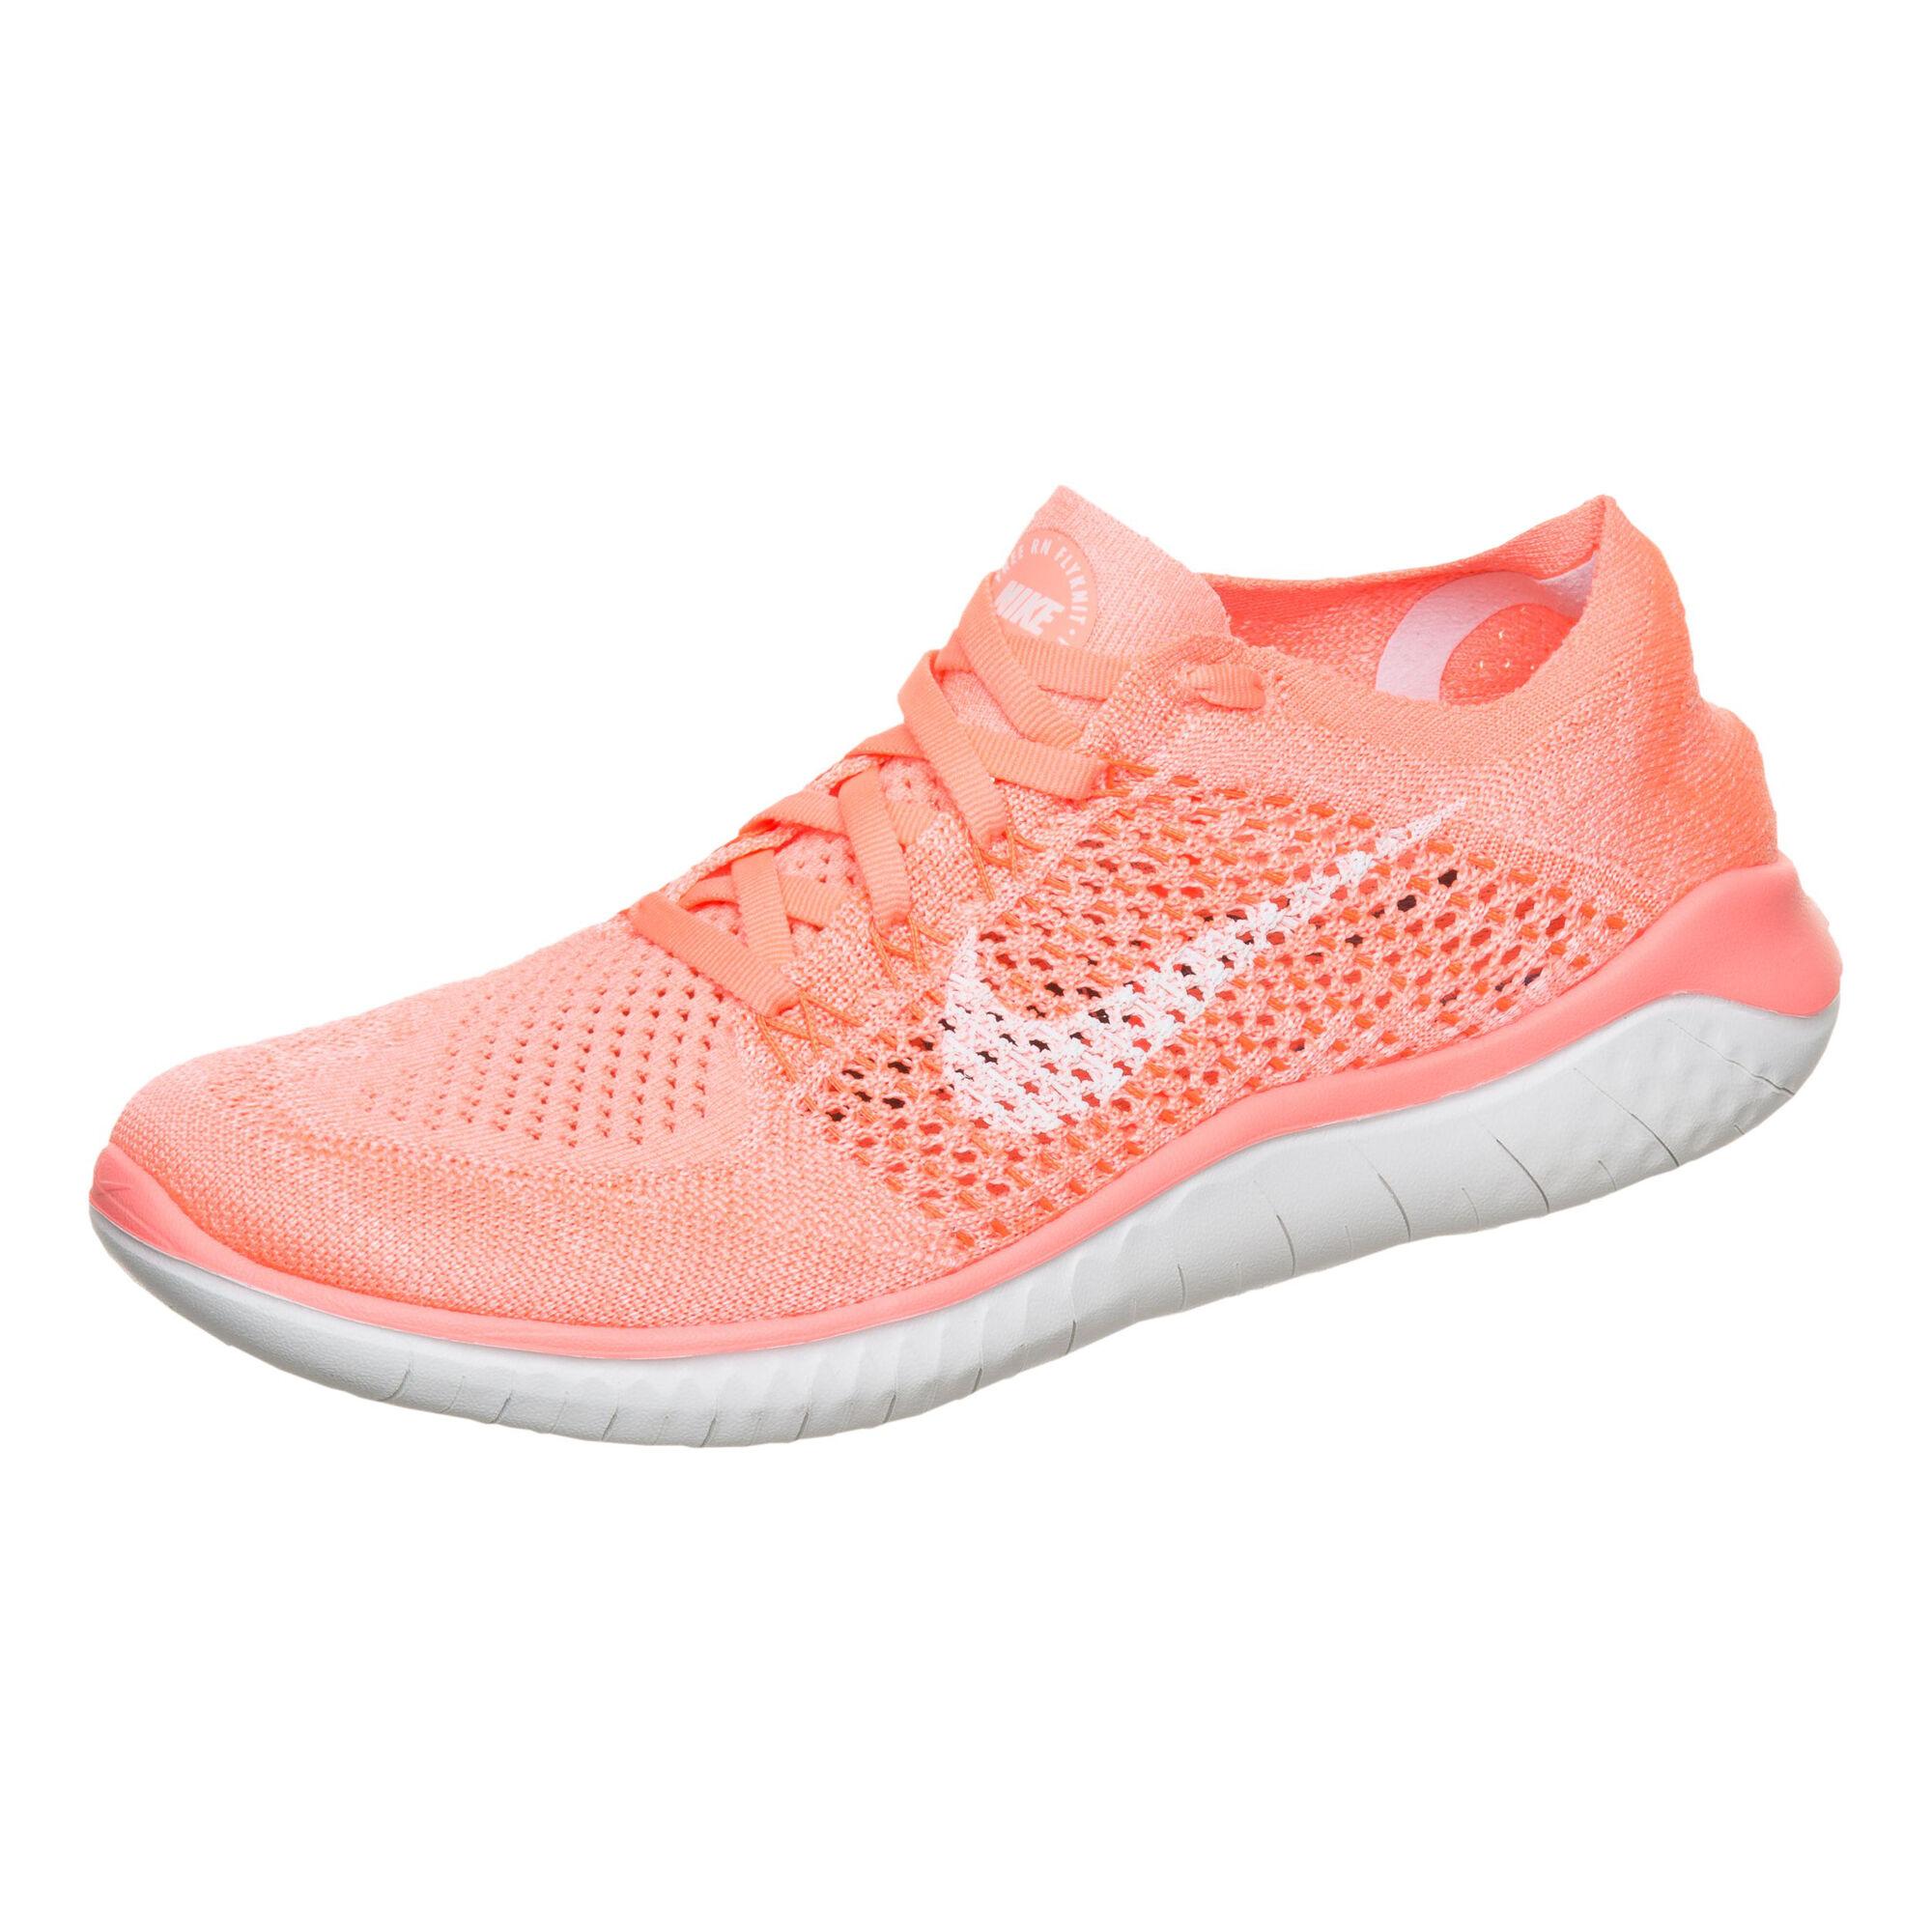 1a5a9963e484 buy Nike Free Run Flyknit 2018 Natural Running Shoe Women - Orange ...